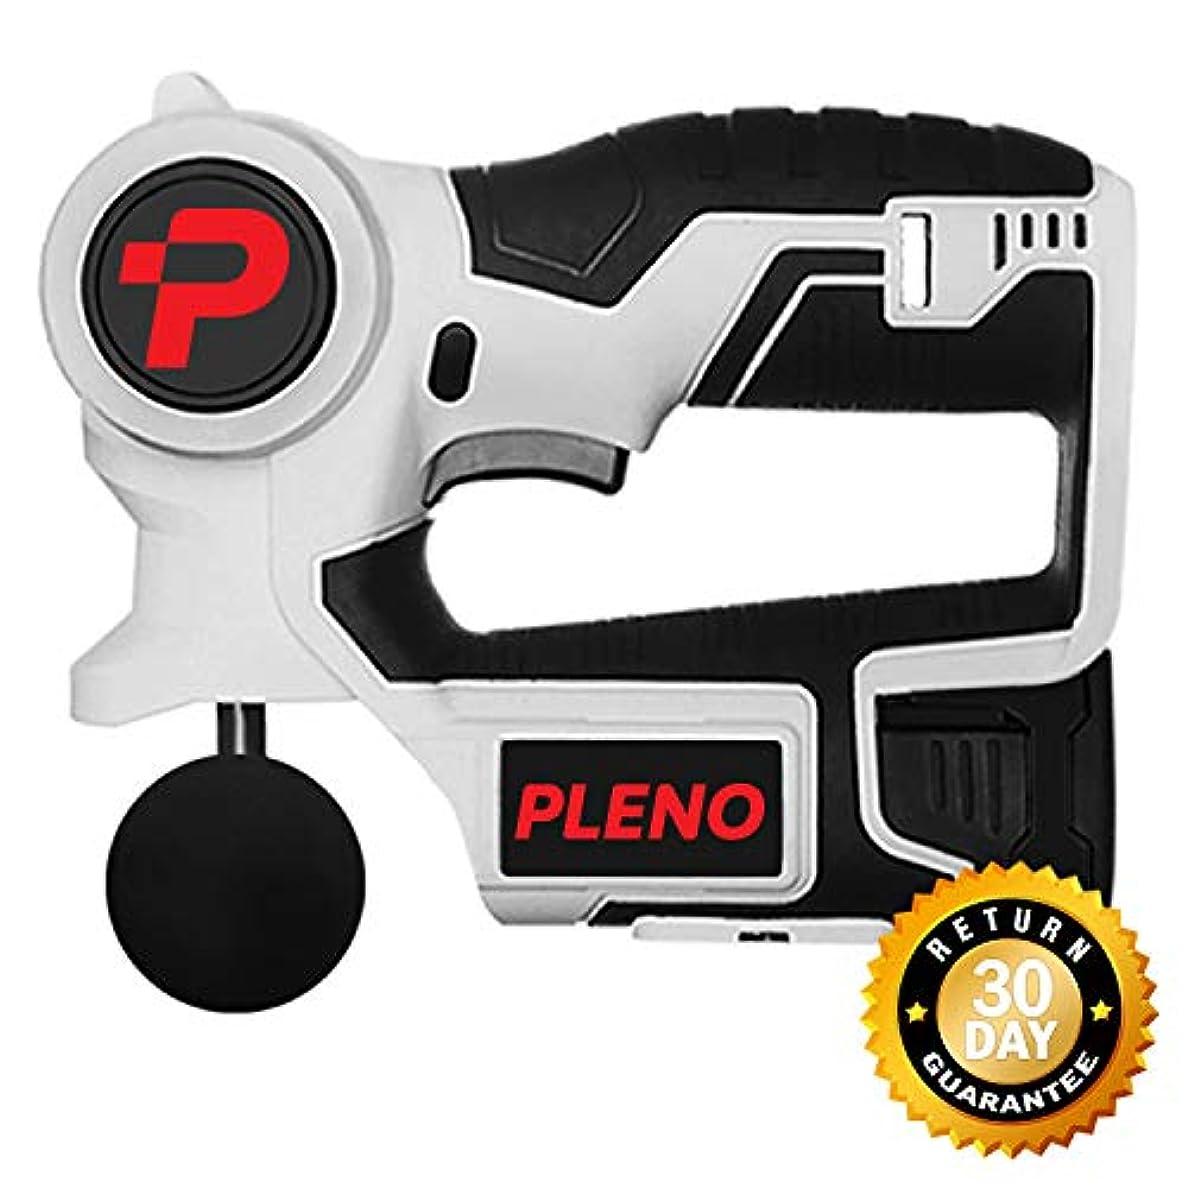 既婚暖炉出身地Professional Deep Muscle Massager: Pleno M3.0 Powerful Handheld Tissue Massager Gun,コードレスで筋肉を刺激 141[並行輸入]